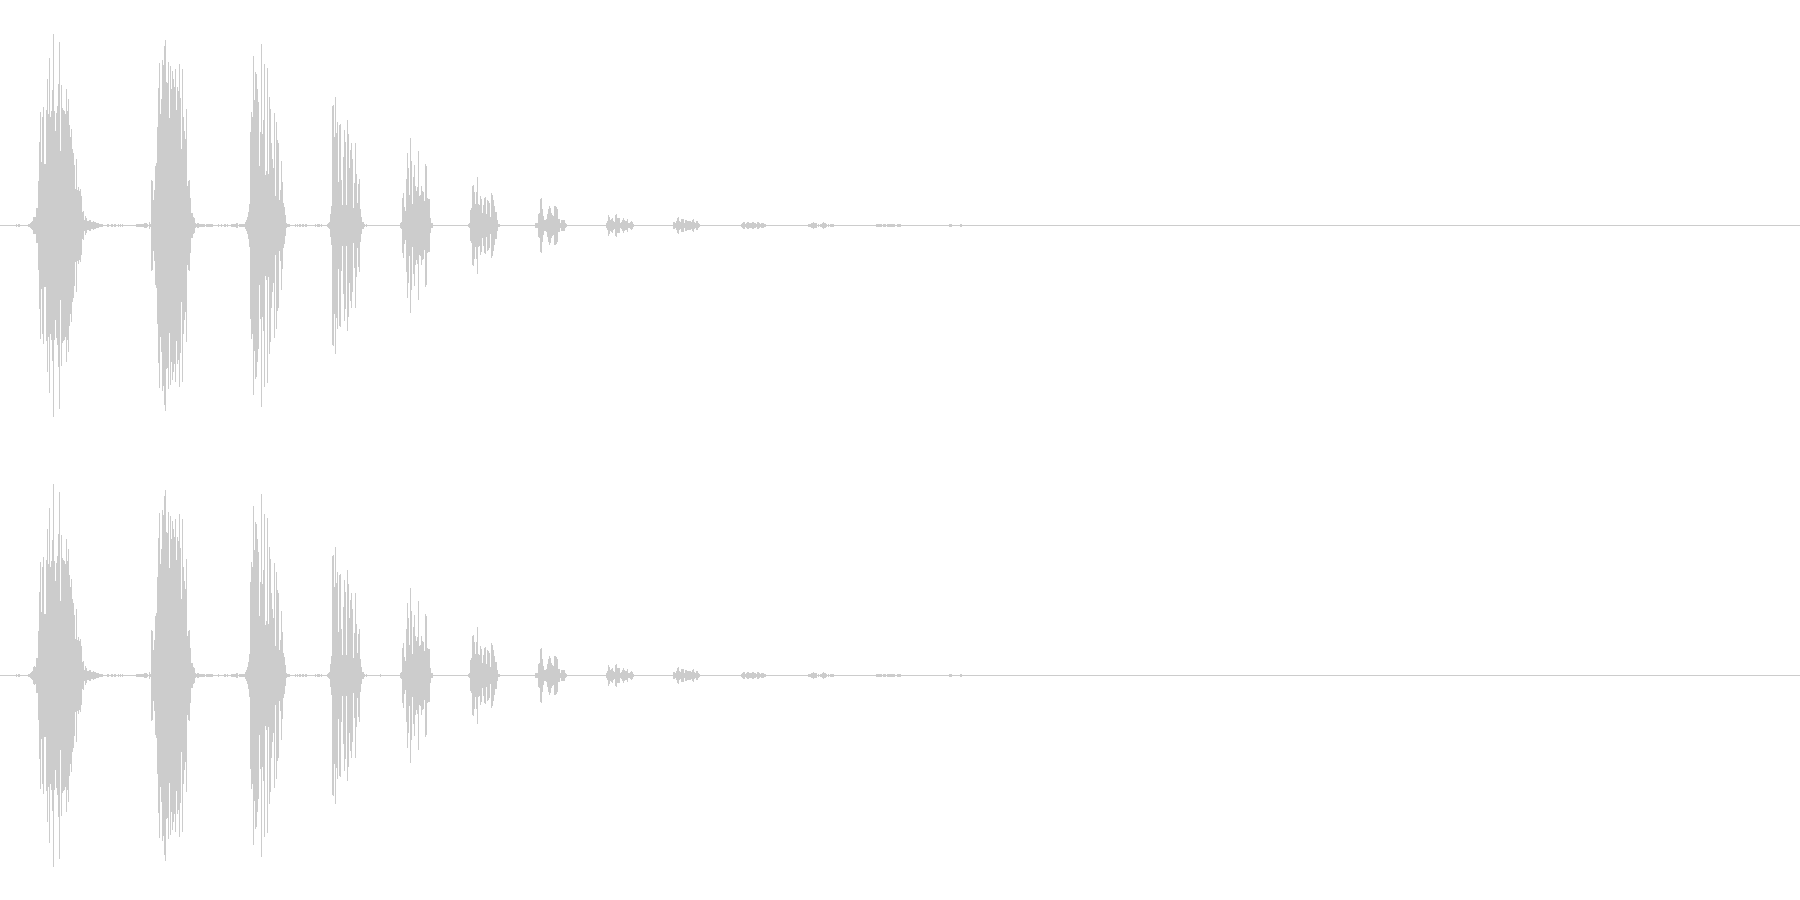 キャンセル等のイメージ(ノイズ系)の未再生の波形